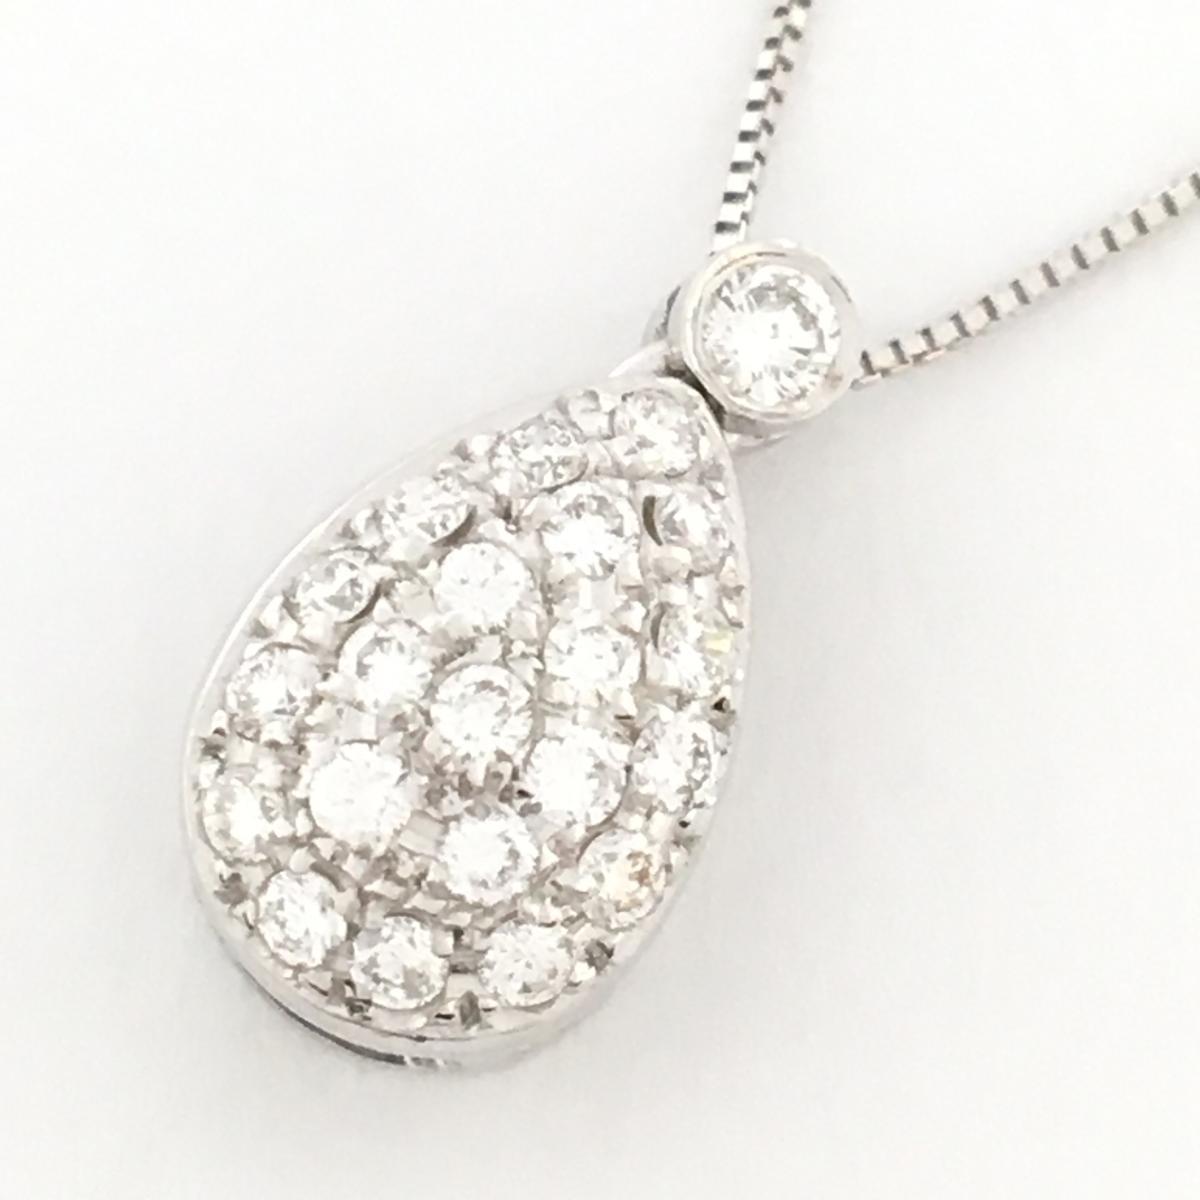 JEWELRY(ジュエリー)/ダイヤモンドネックレス /ネックレス//K18WG(750)ホワイトゴールド×ダイヤモンド/【ランクS】【中古】